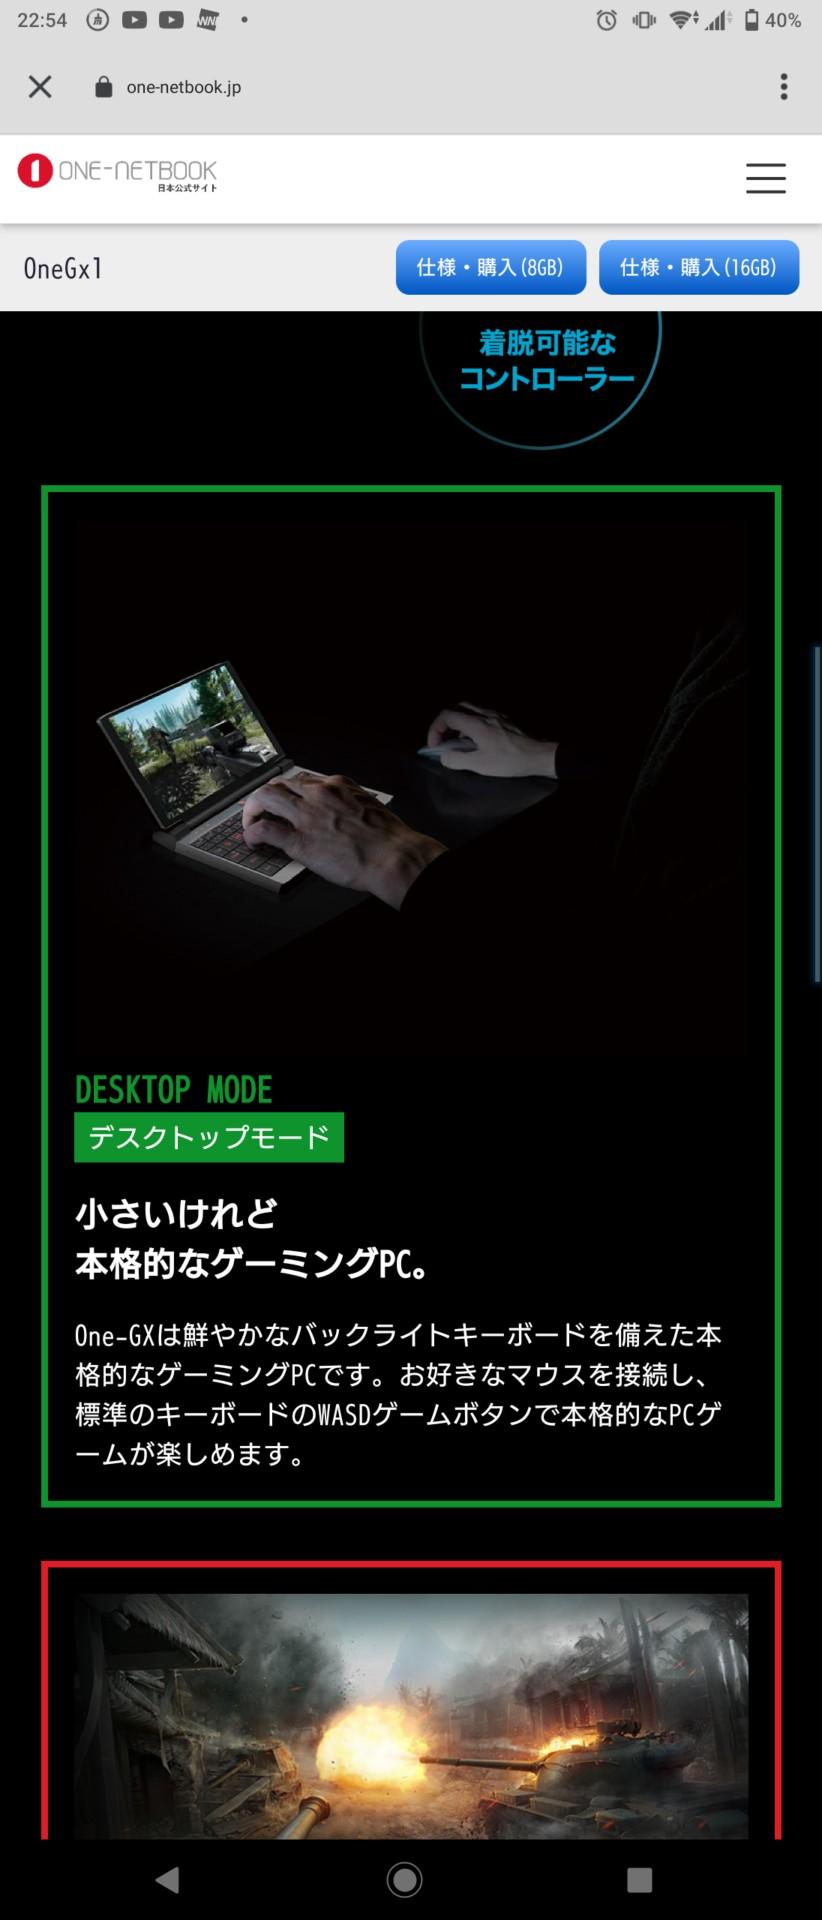 vOjJQz0 - 【スイッチ死亡】5G対応のゲーム機 ONE-GXが登場!!新たな伝説が始まる...